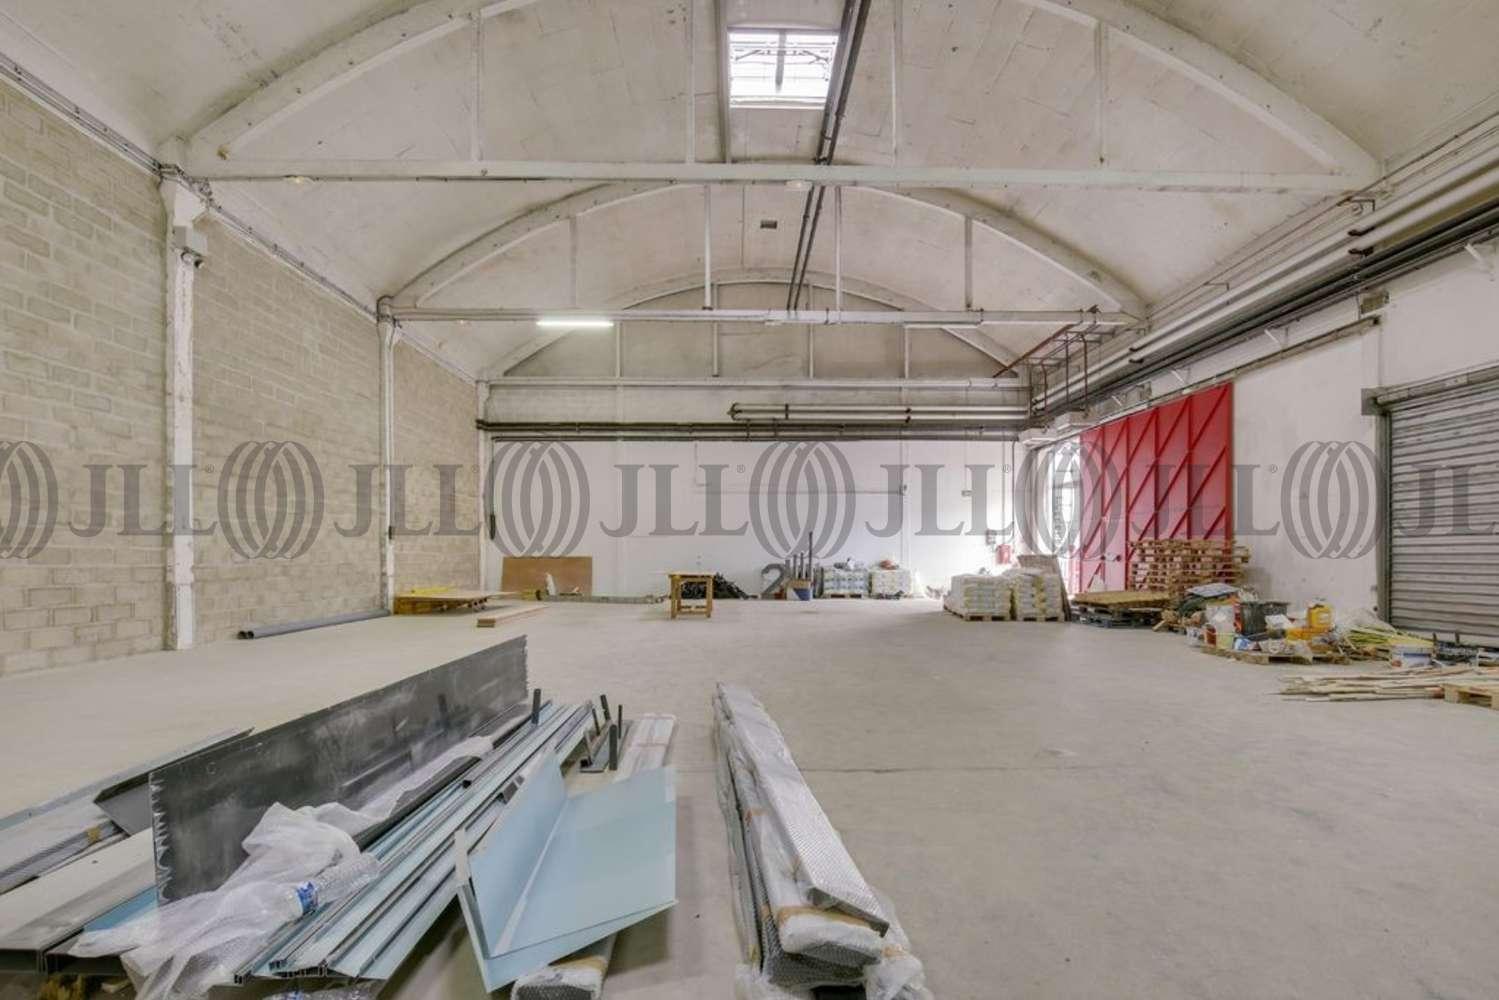 Activités/entrepôt Aubervilliers, 93300 - PARC DES PORTES DE PARIS - BAT. 211